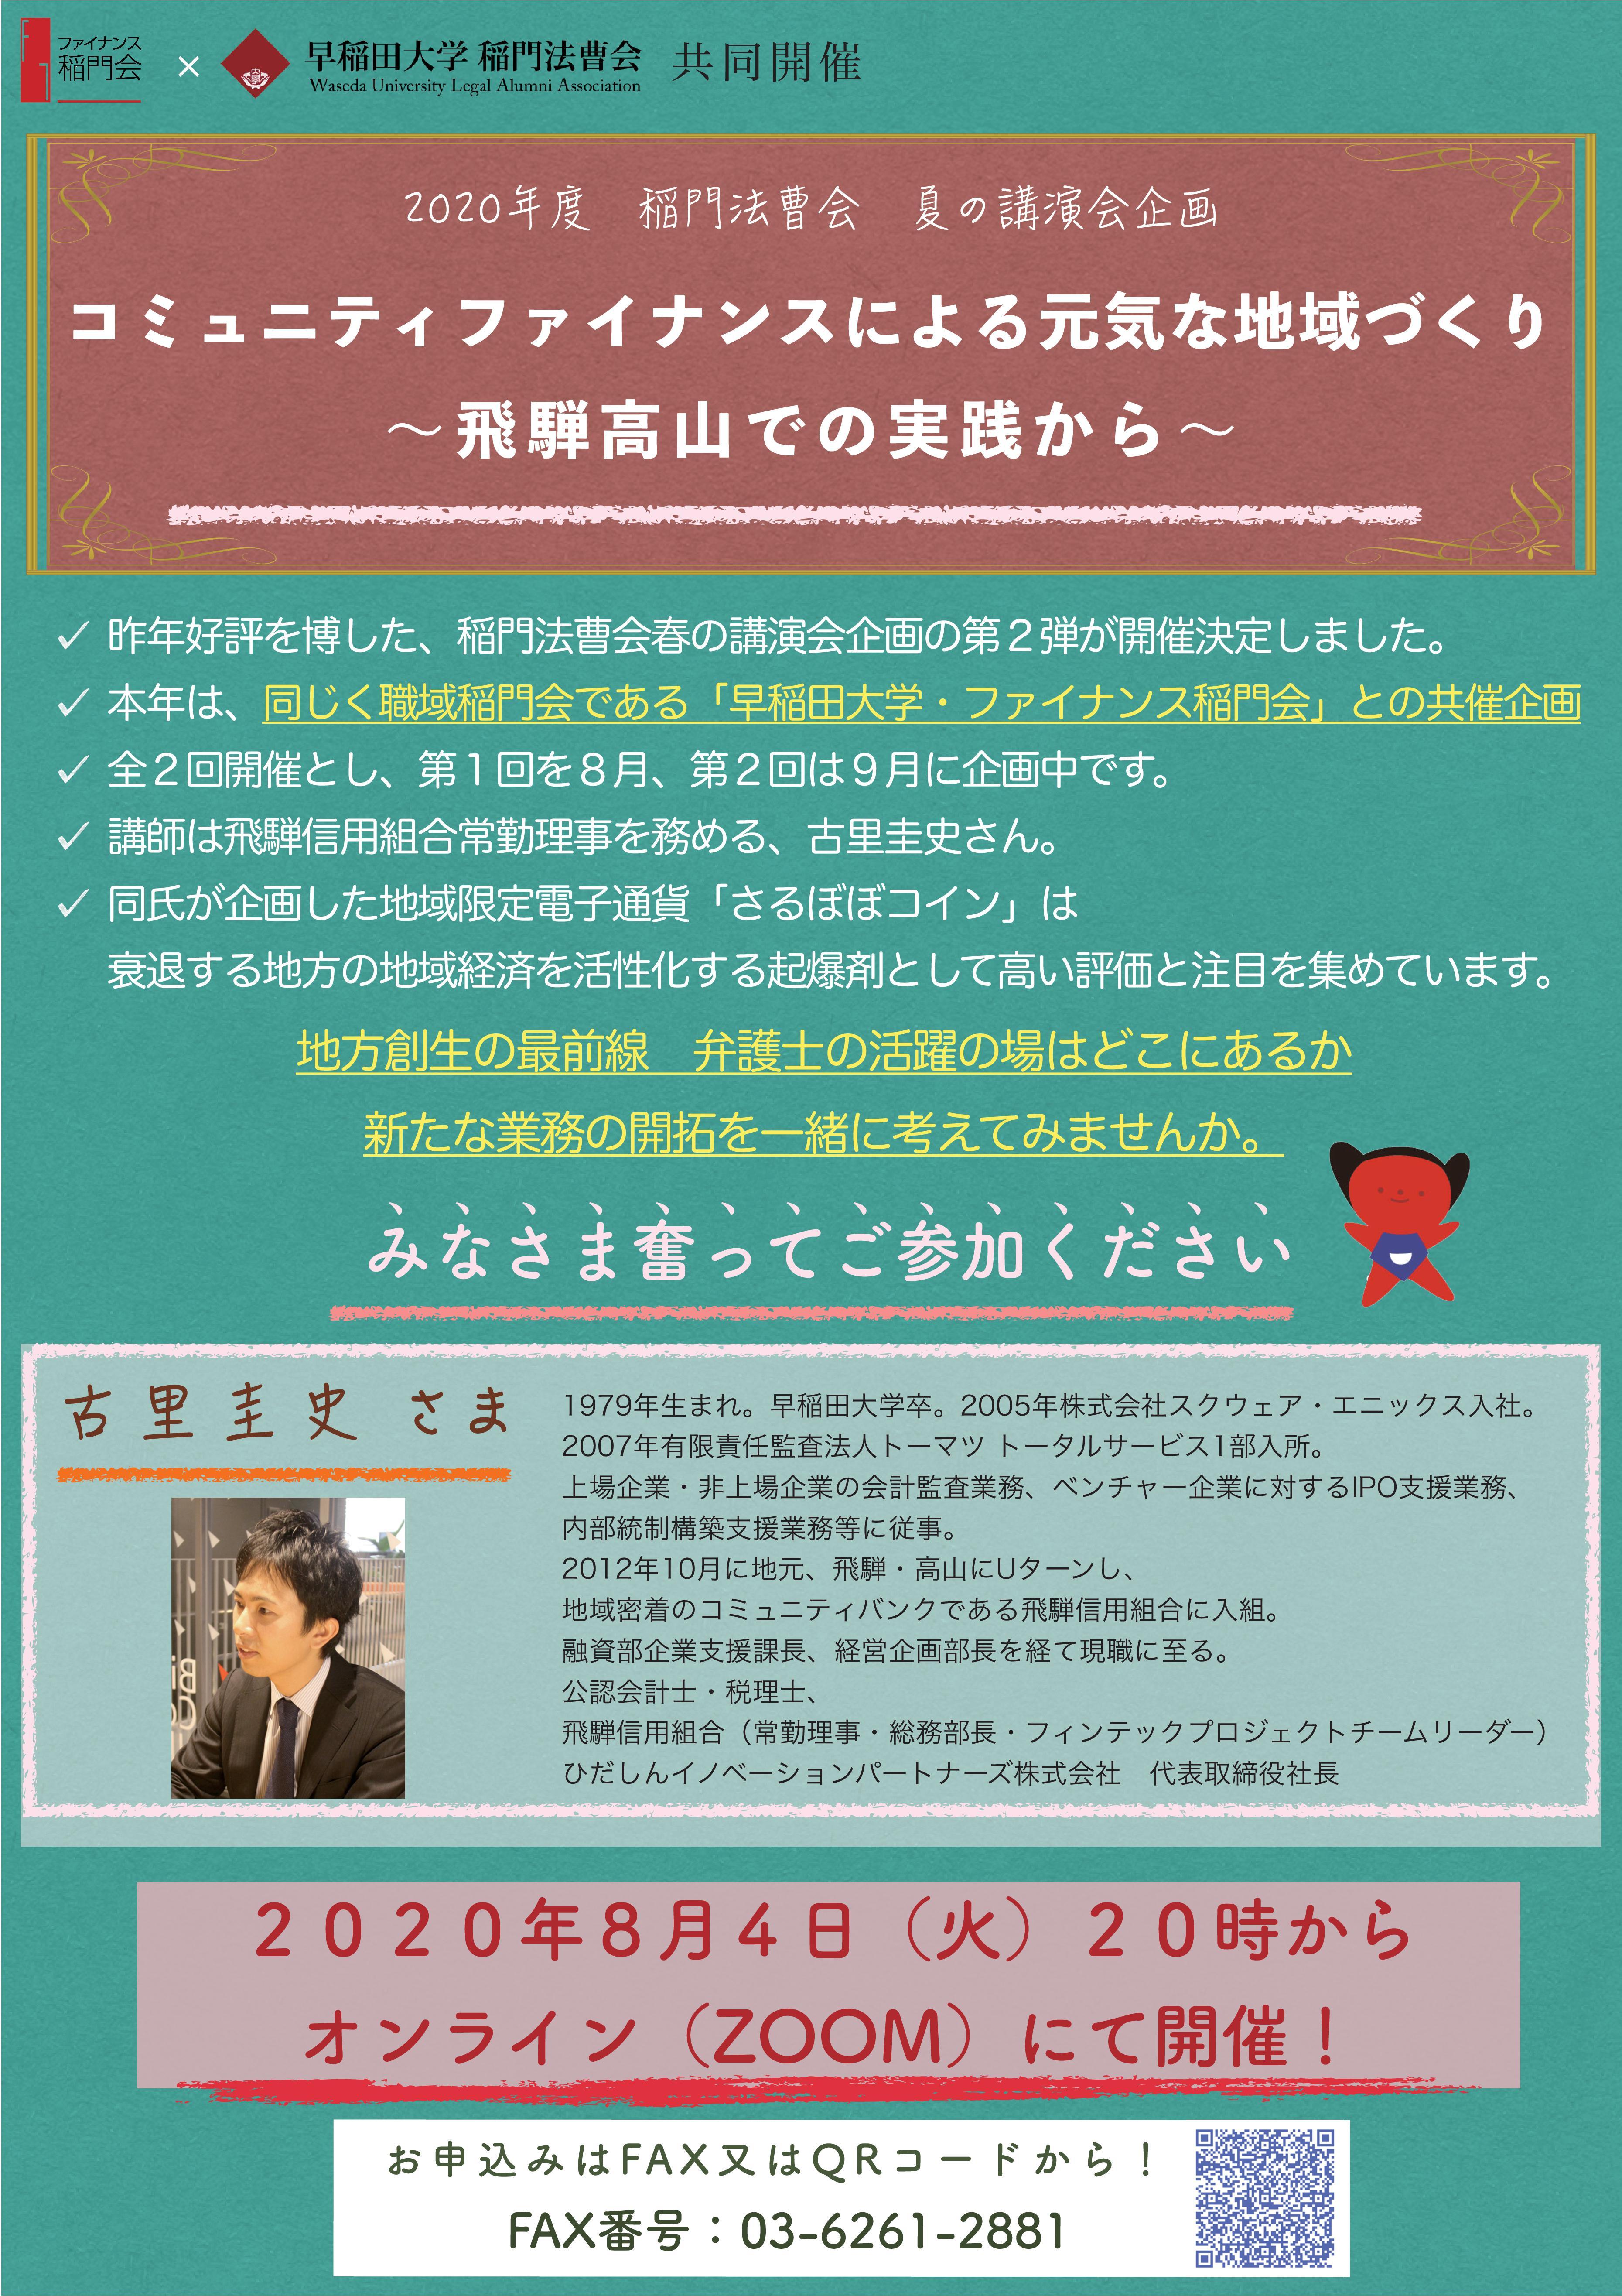 2020wla_kouenkai_flyer